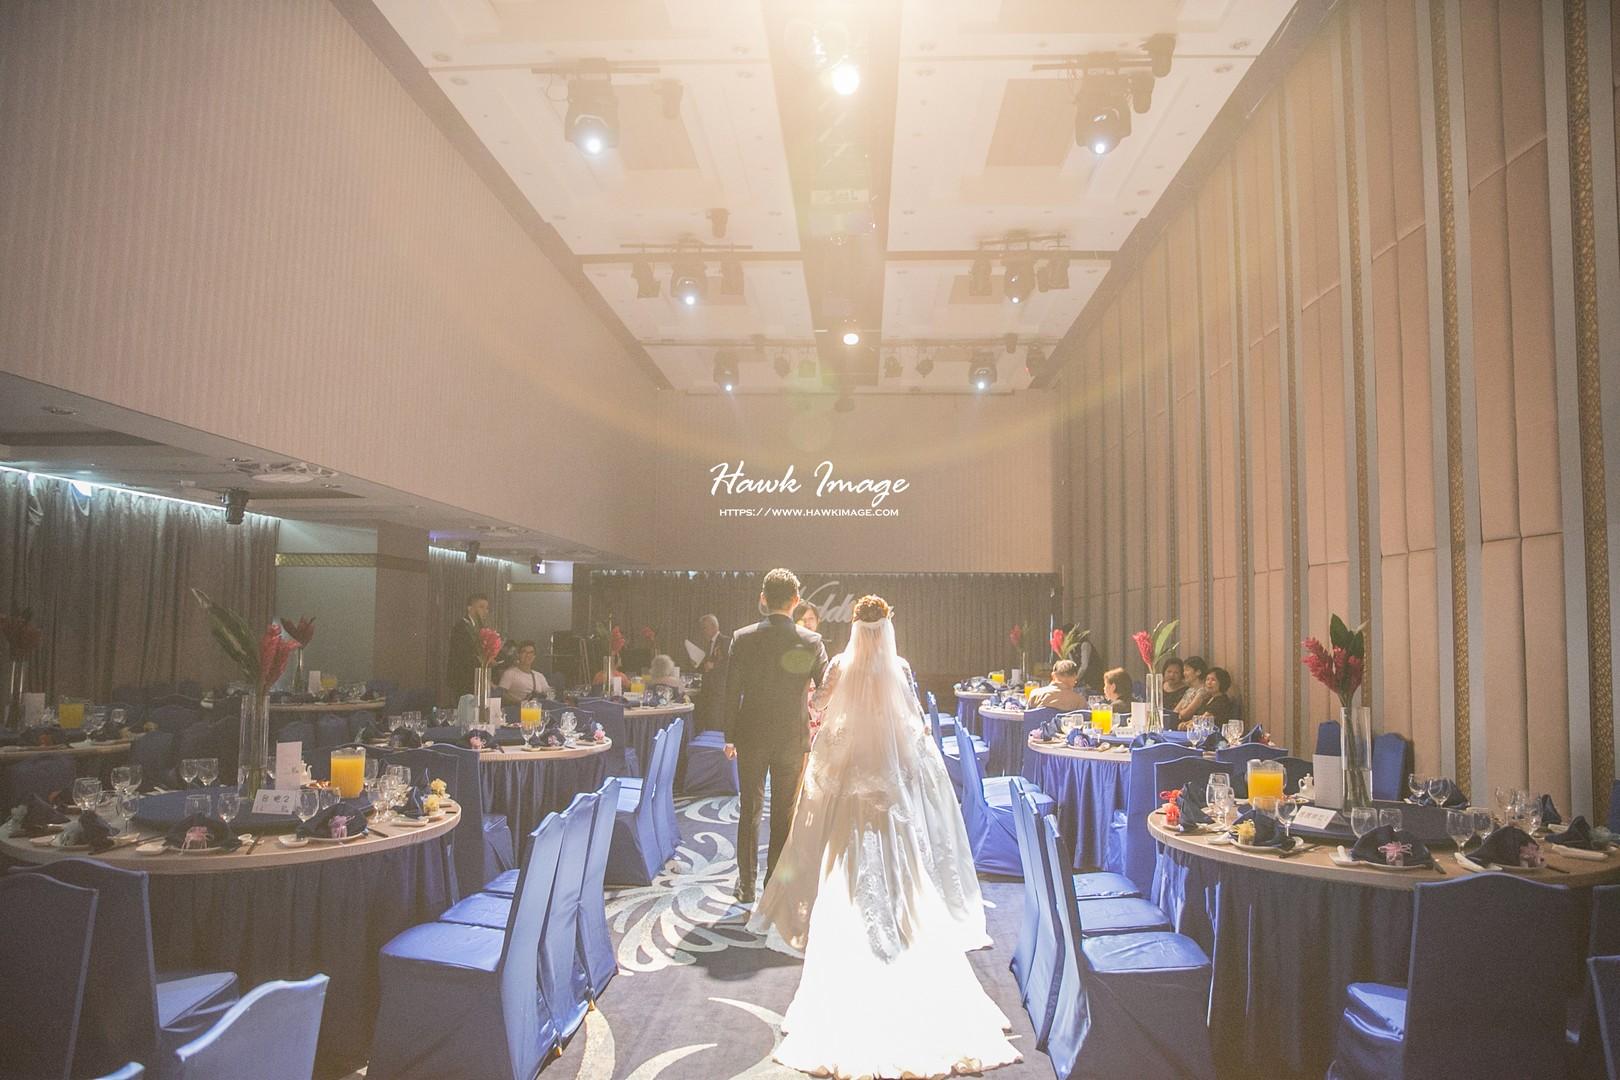 婚禮攝影,婚紗攝影,婚紗展,婚攝